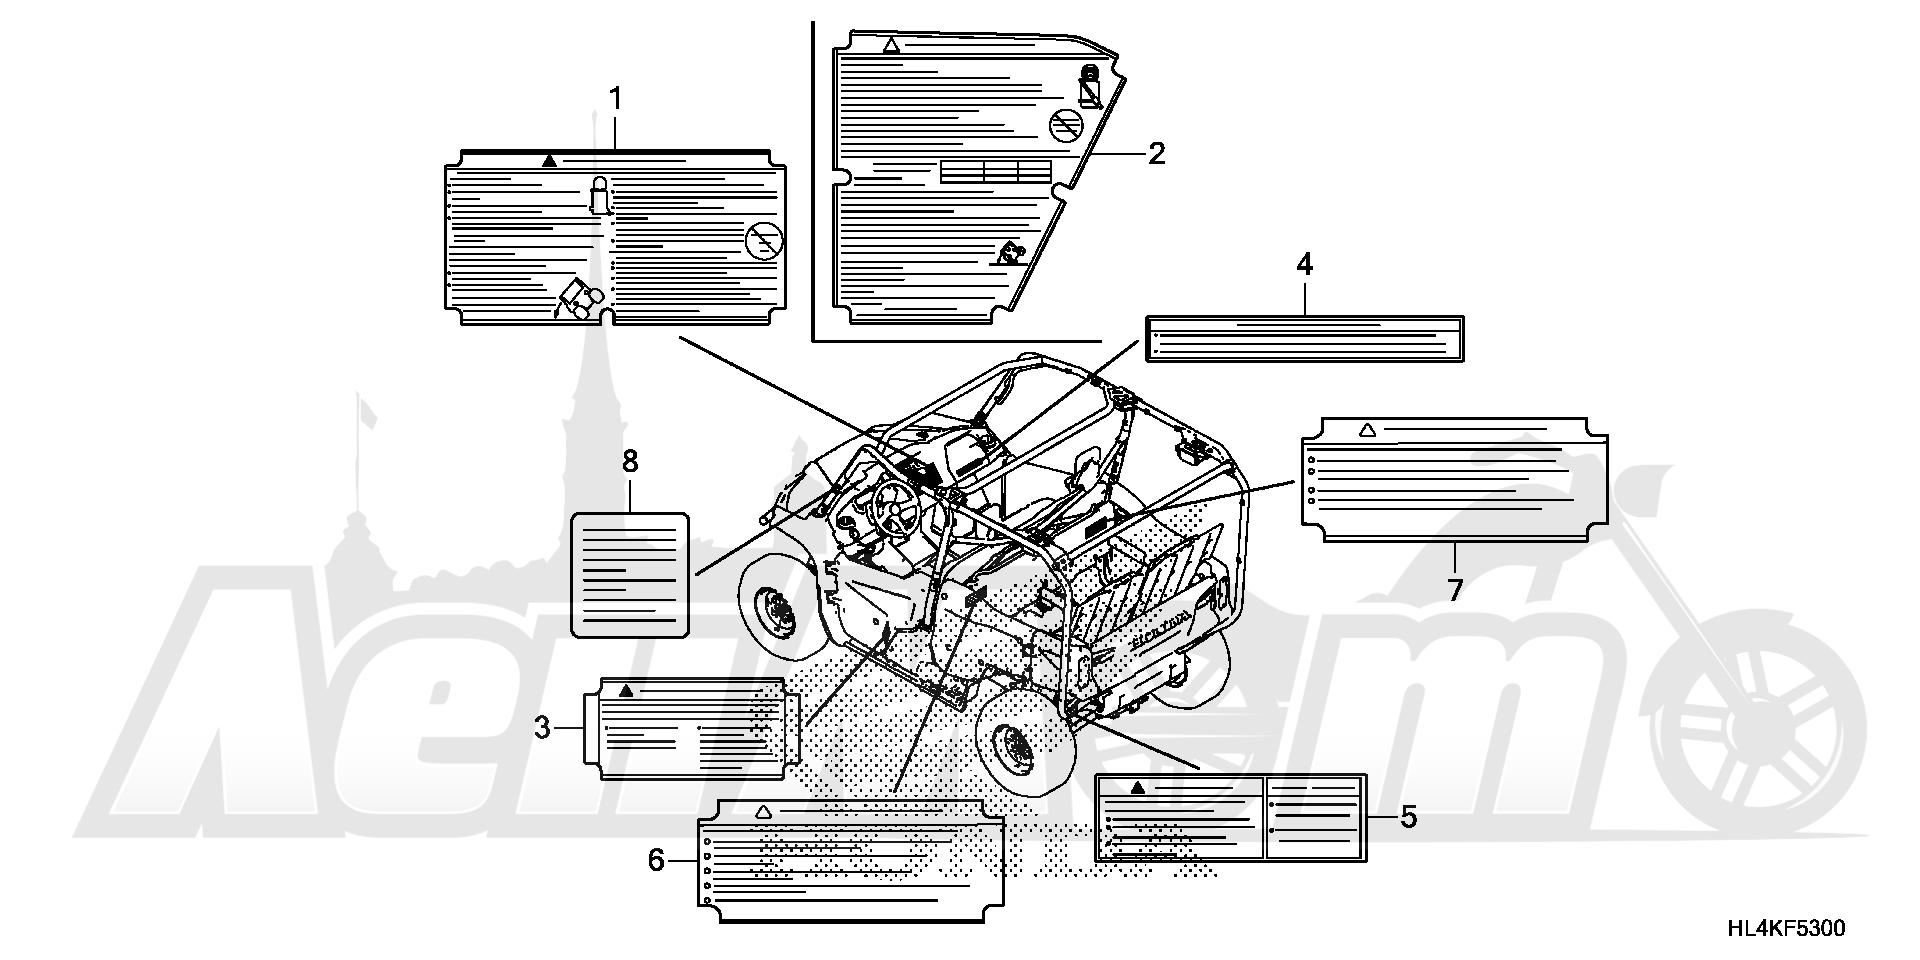 Запчасти для Квадроцикла Honda 2019 SXS1000M5D Раздел: CAUTION LABEL | предупреждение этикетка, метка